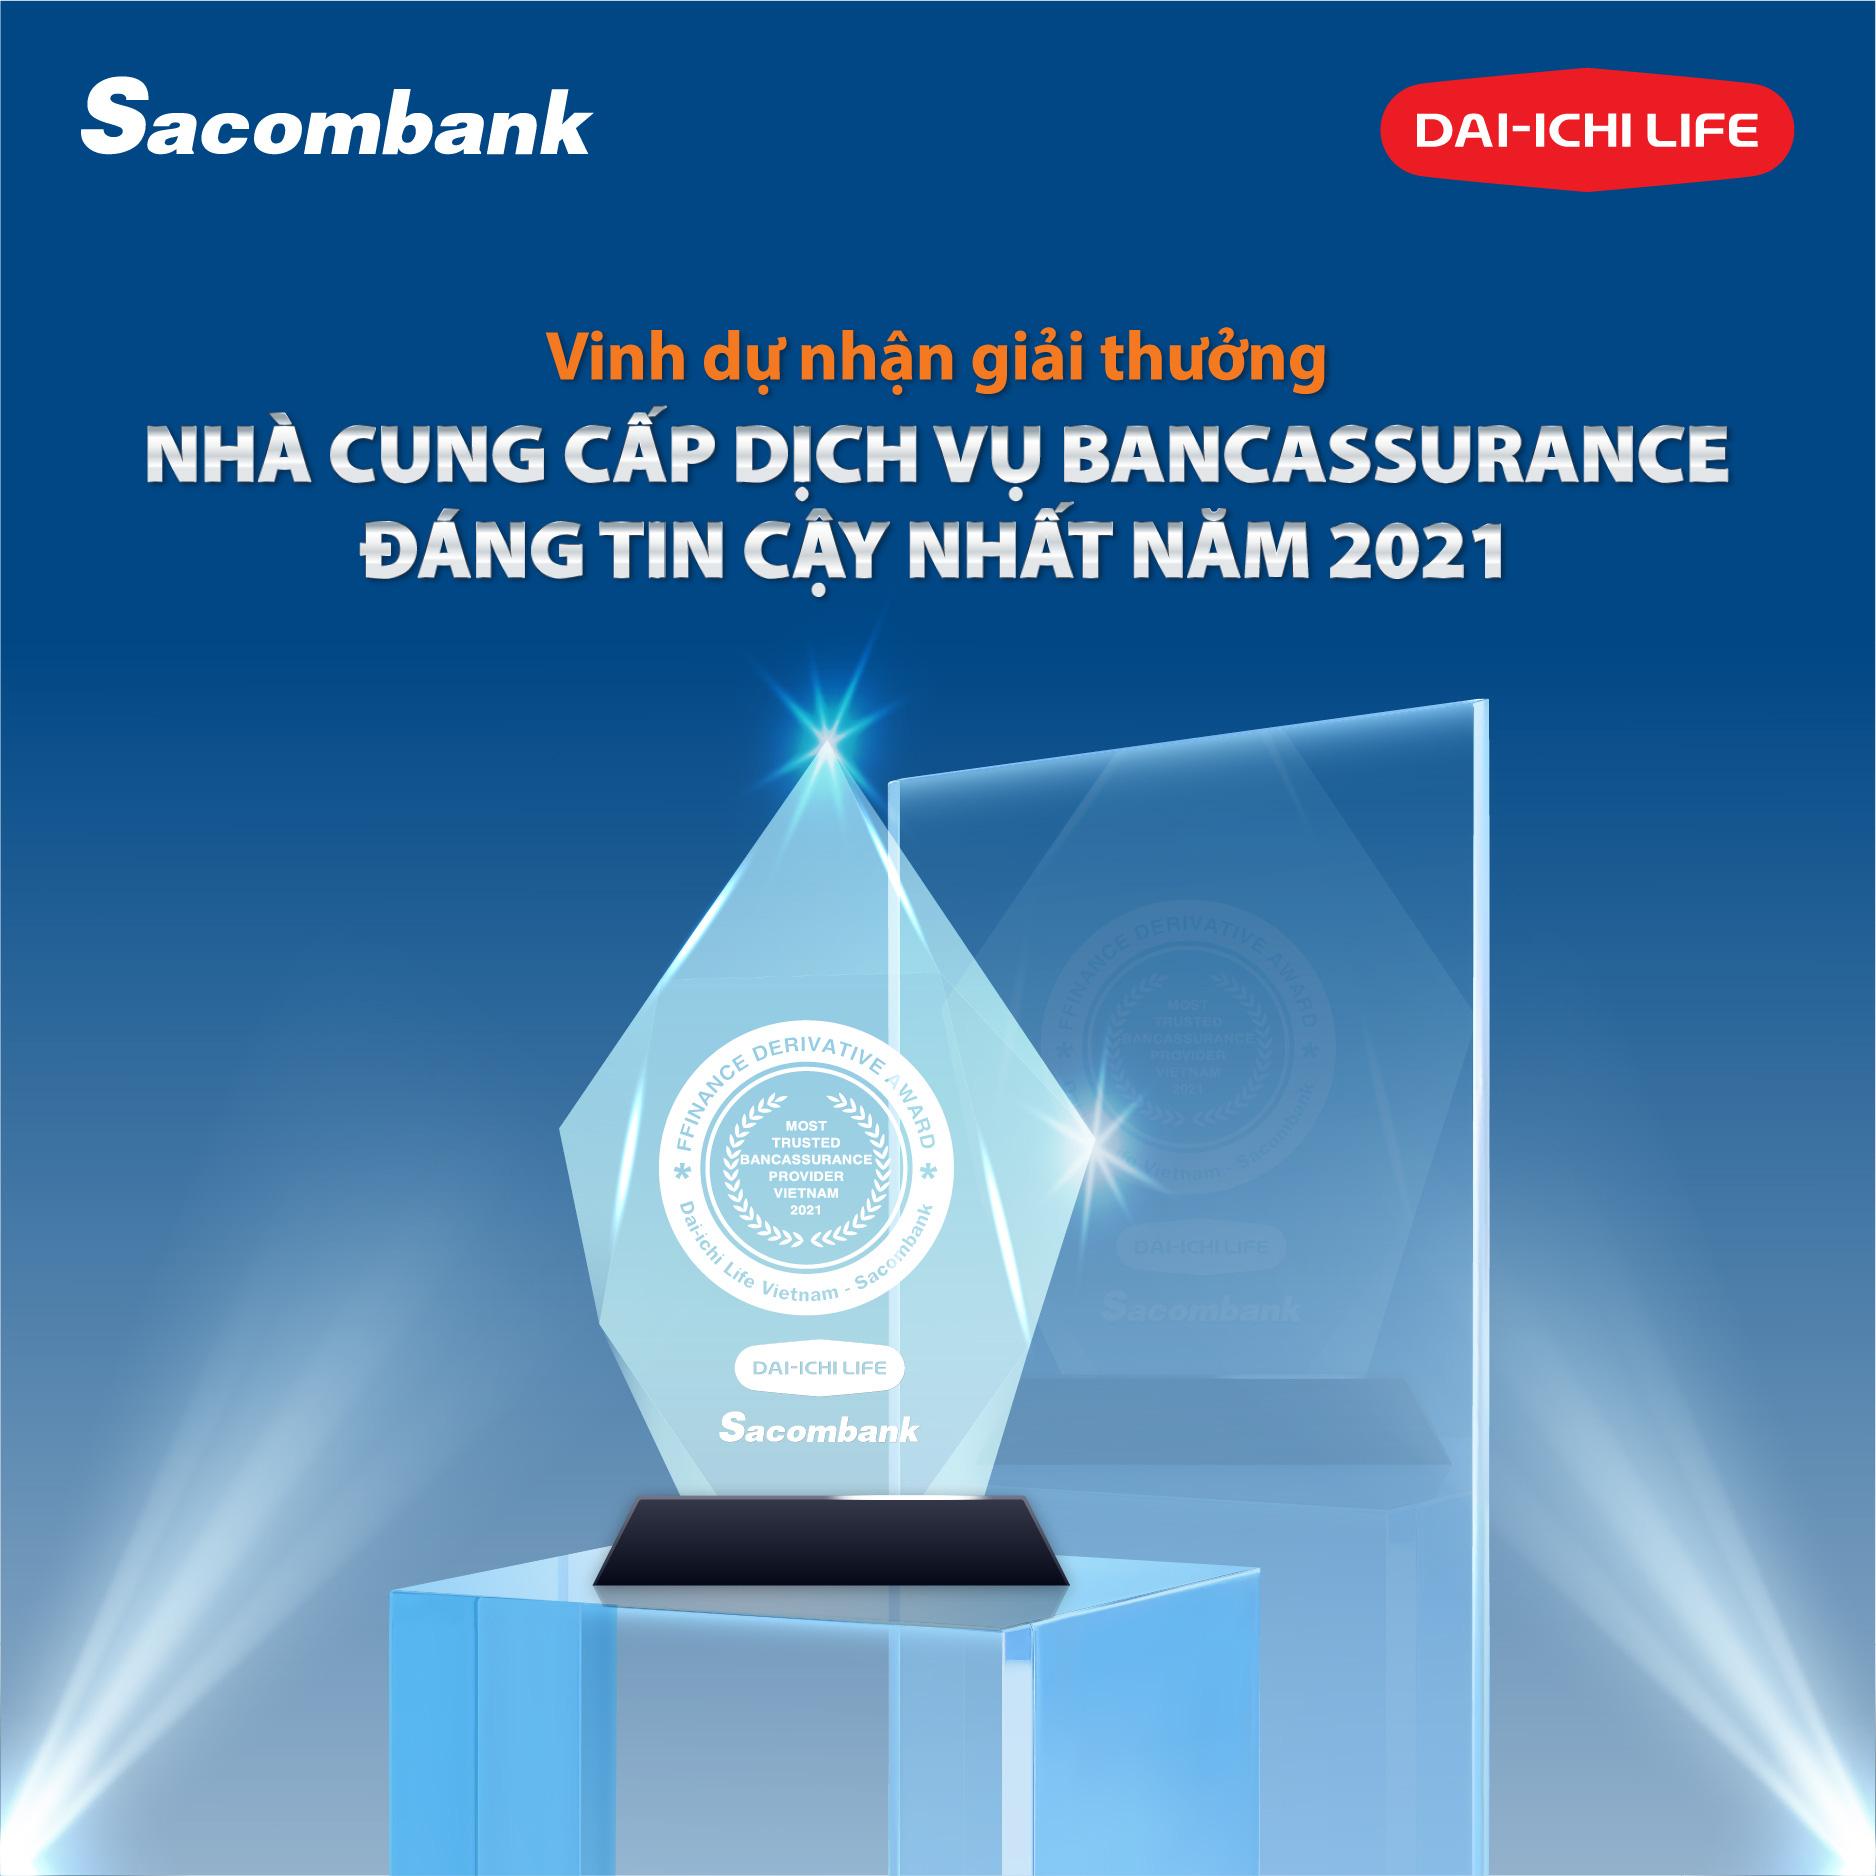 Dai-ichi Việt Nam và Sacombank nhận giải thưởng quốc tế về Bancassurance - Ảnh 1.